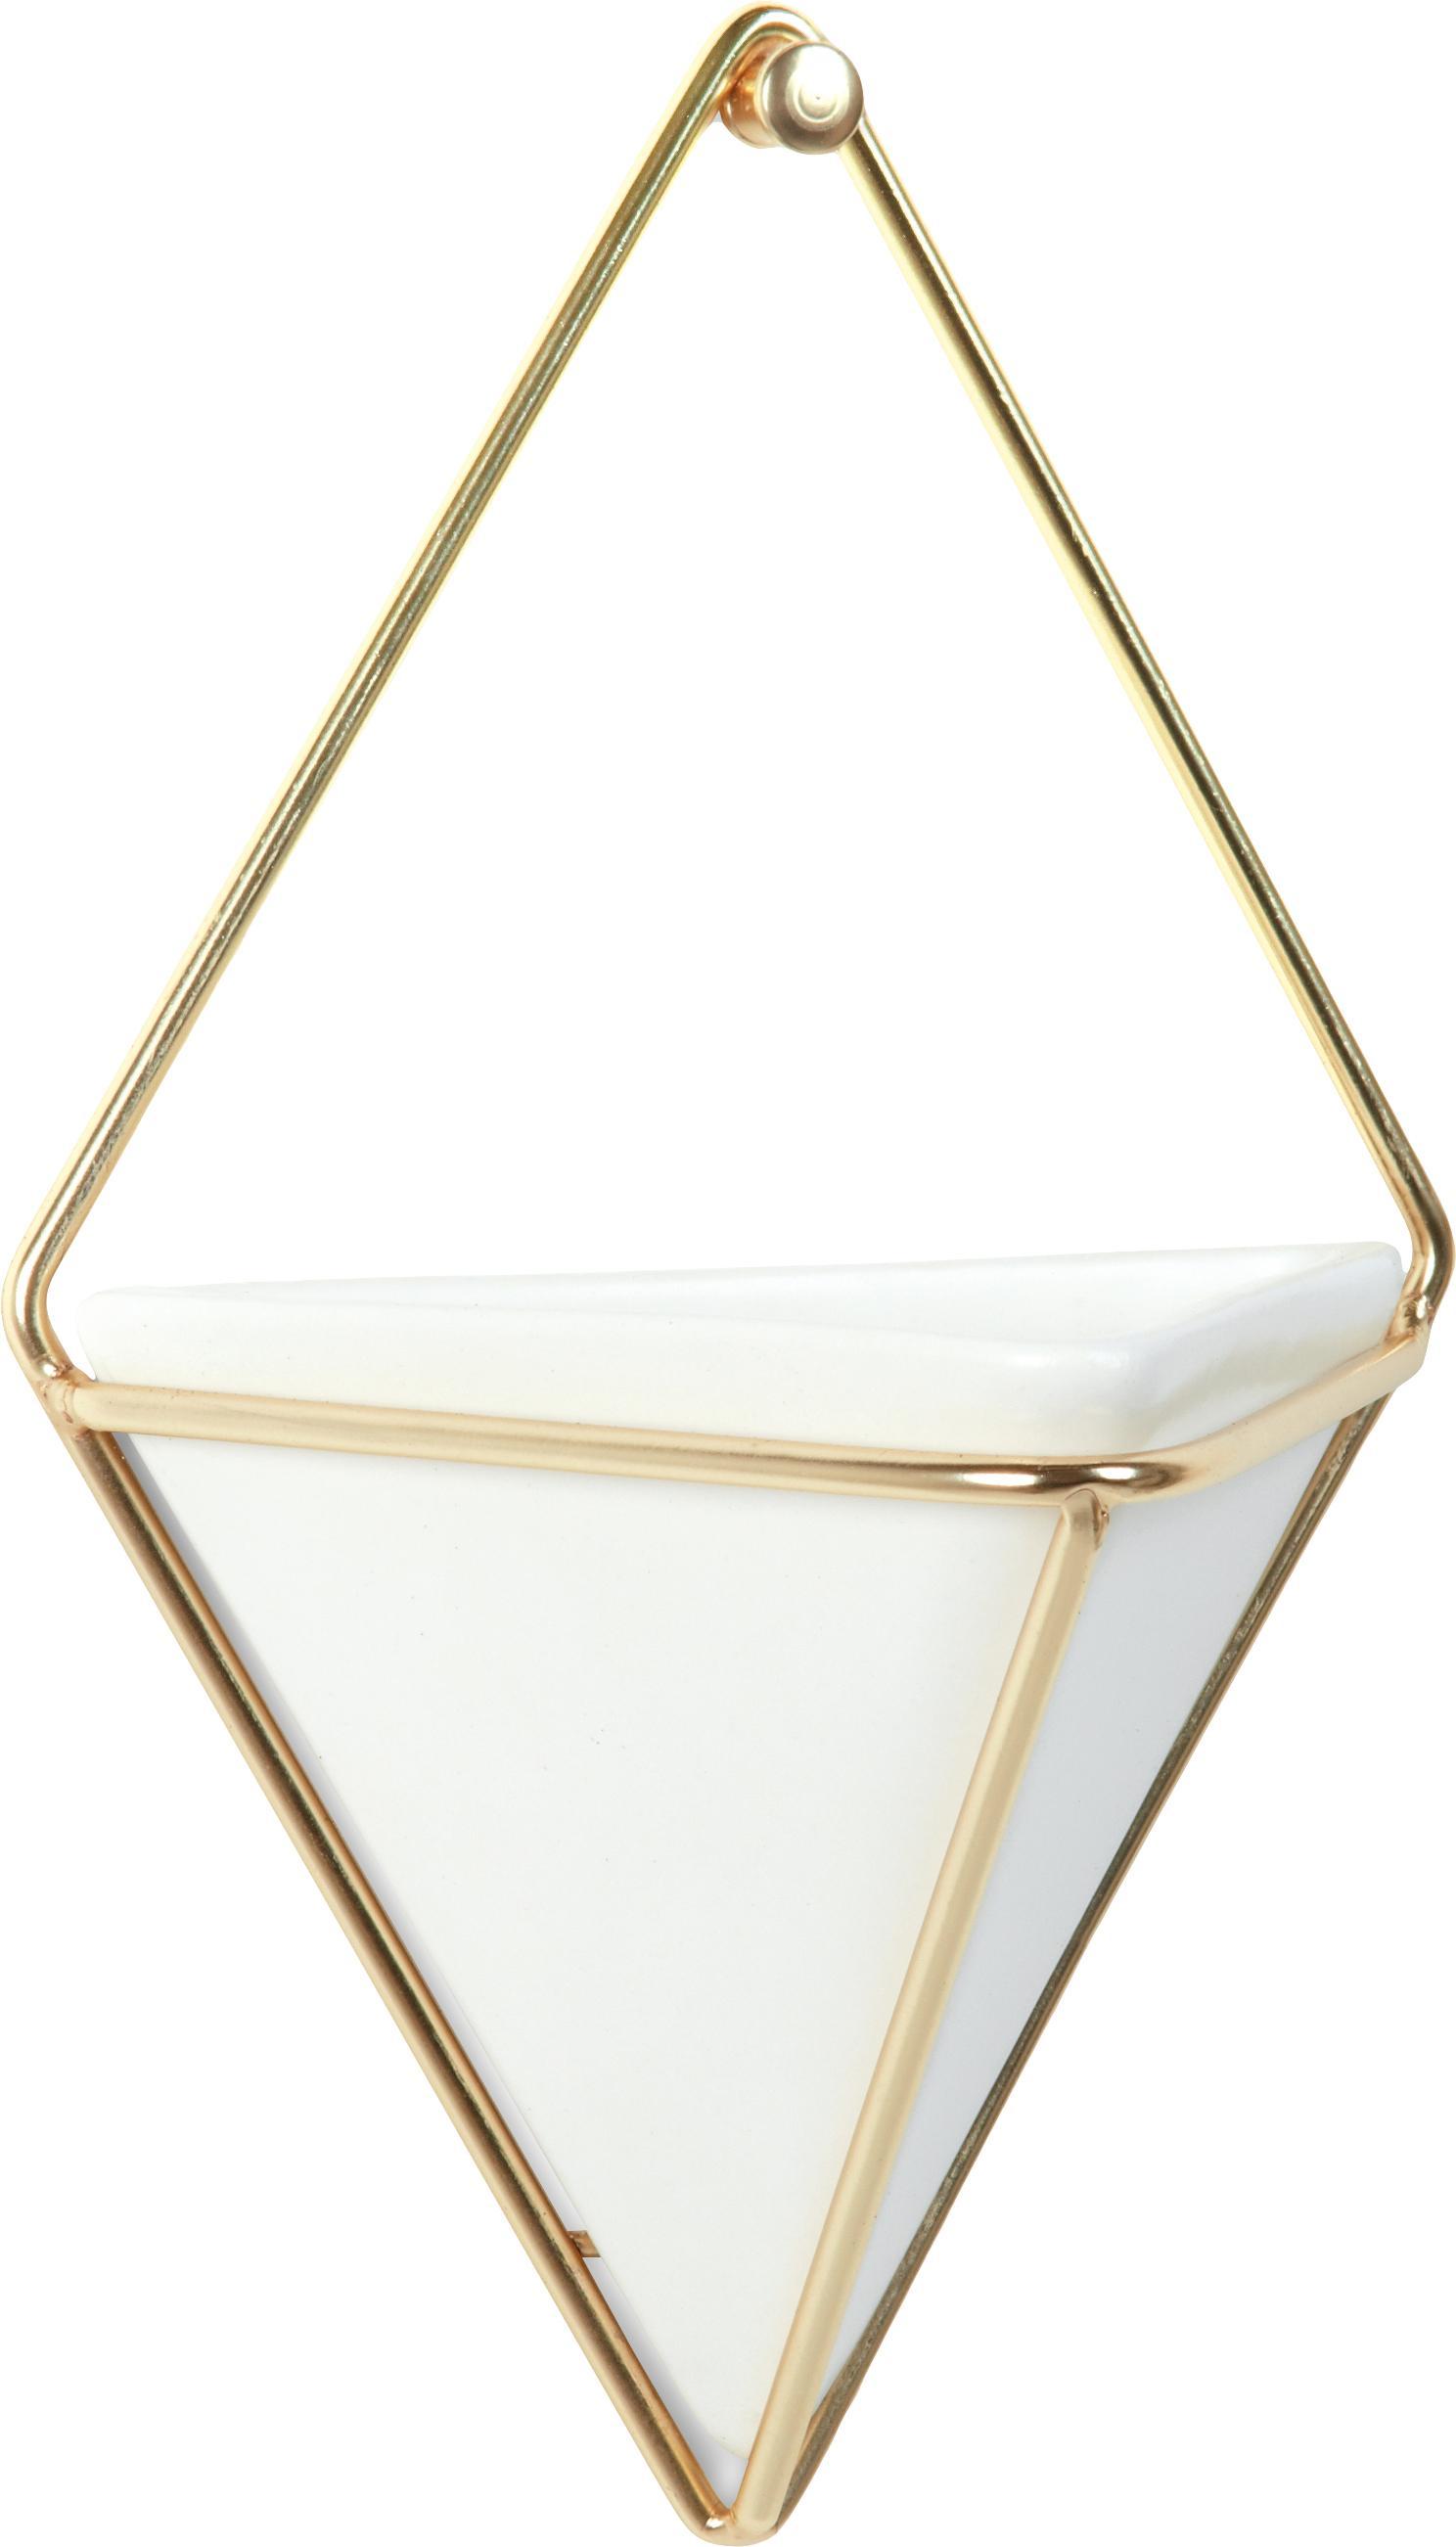 Wandaufbewahrungs-Schale Trigg aus Keramik, 2 Stück, Aufbewahrung: Keramik, Weiss, Messing, matt, 11 x 18 cm